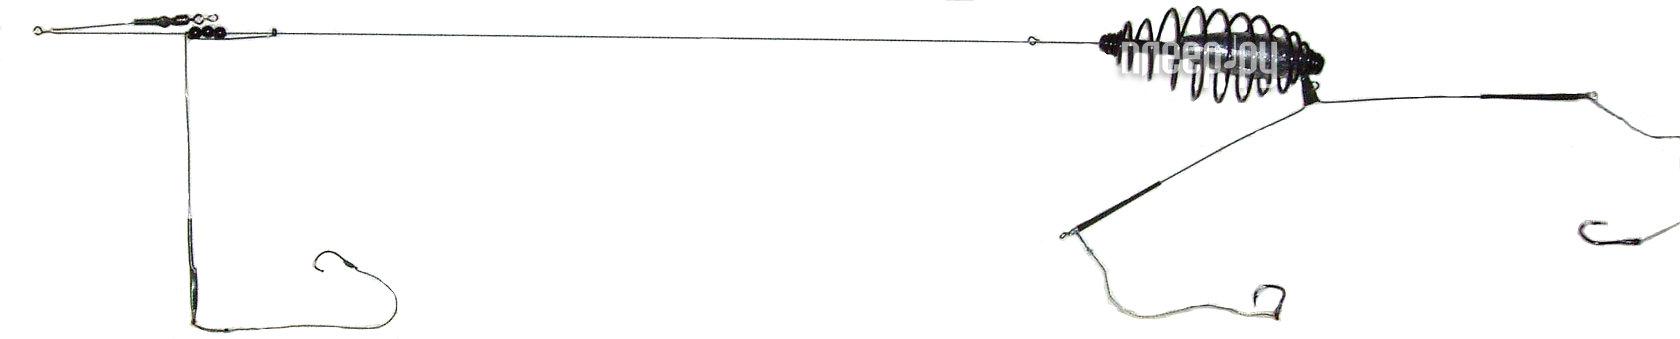 Кормушка Hoxwell Убийца карася 20гр 3шт